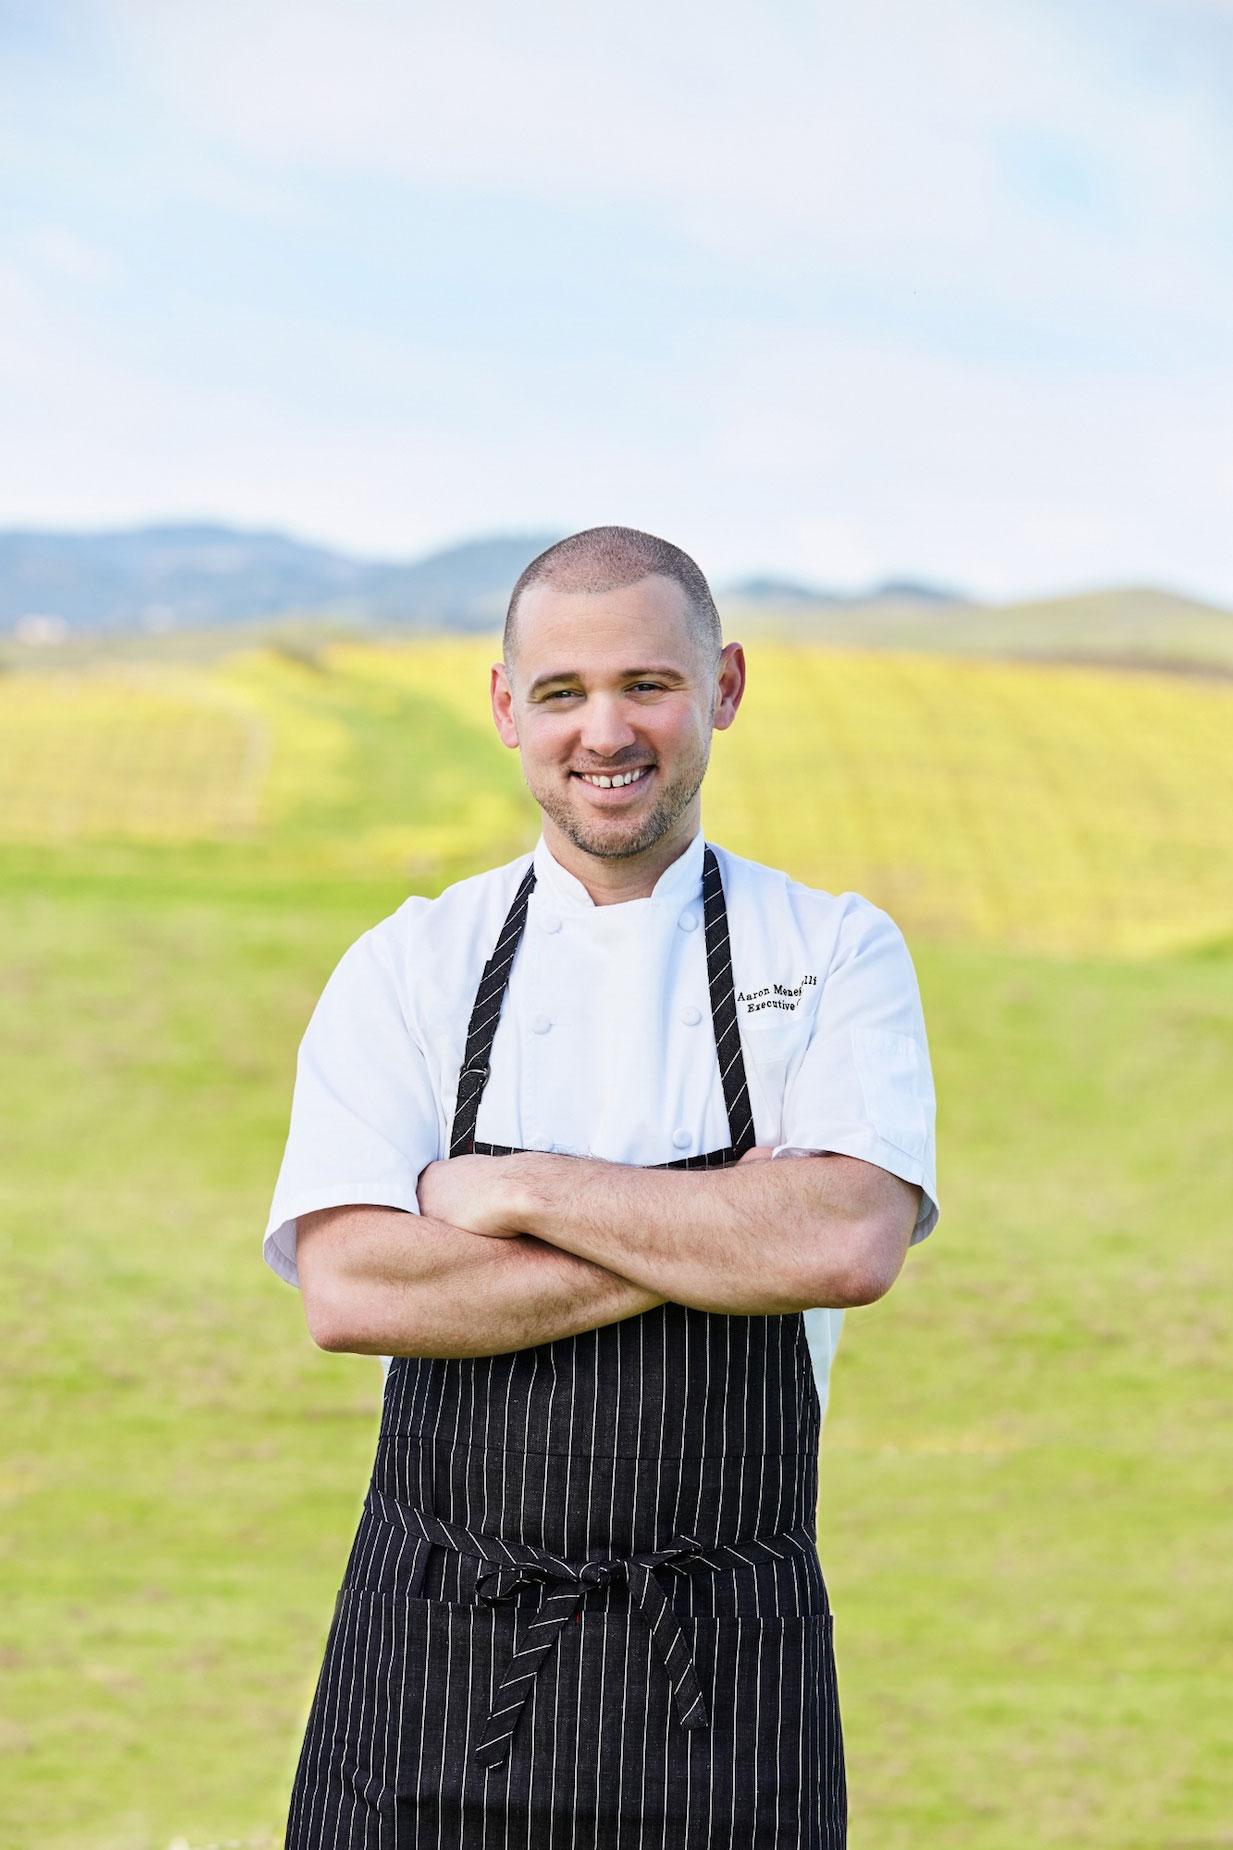 Chef Aaron Meneghelli